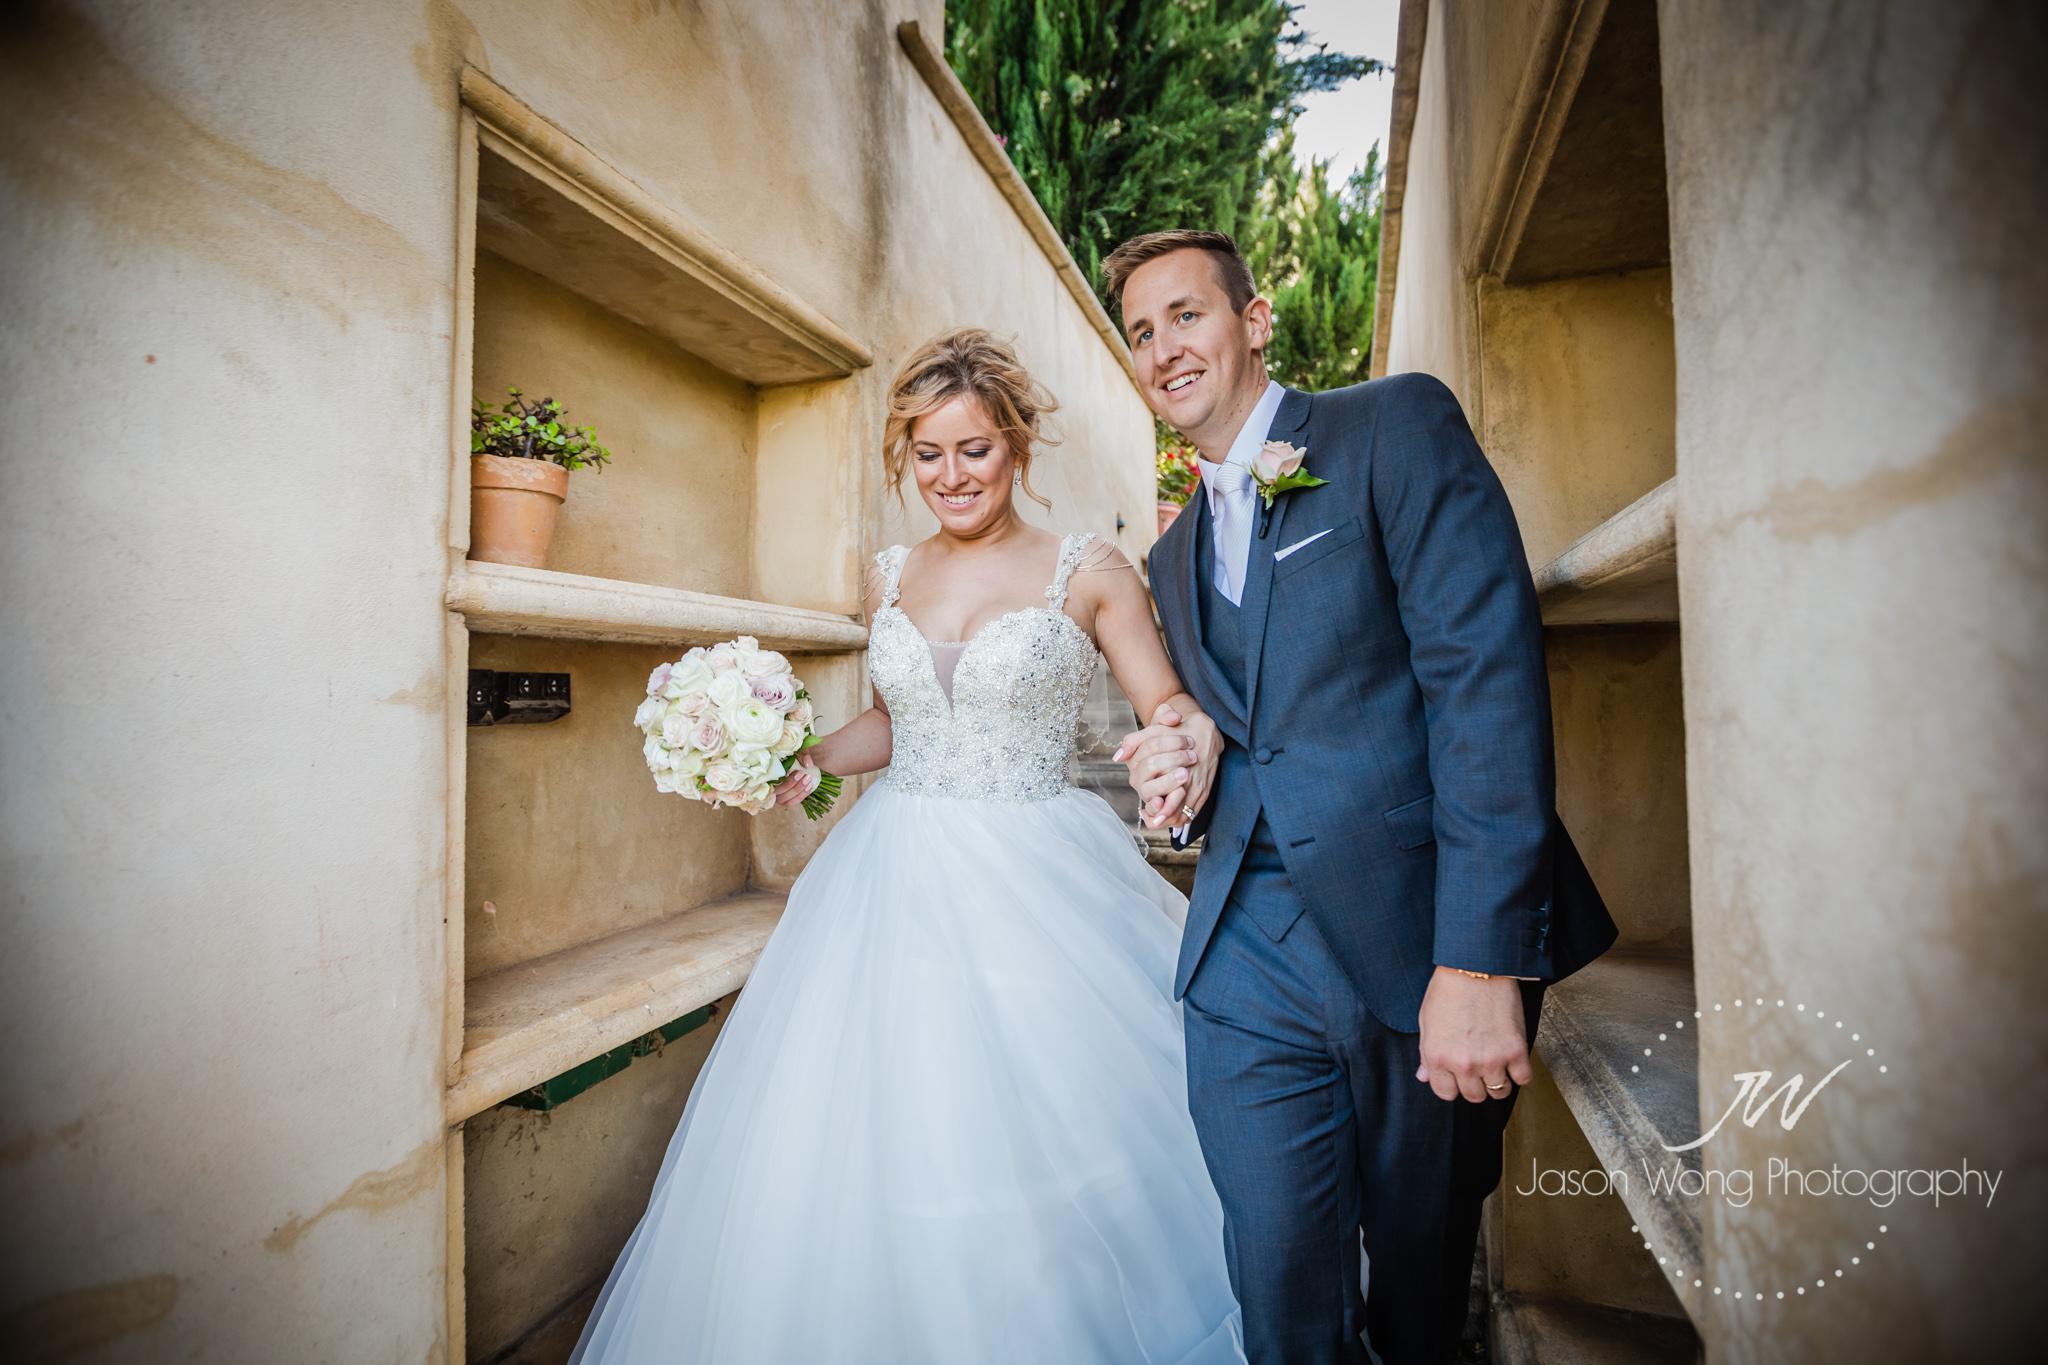 happy-bride-and-groom-looking-good.jpg